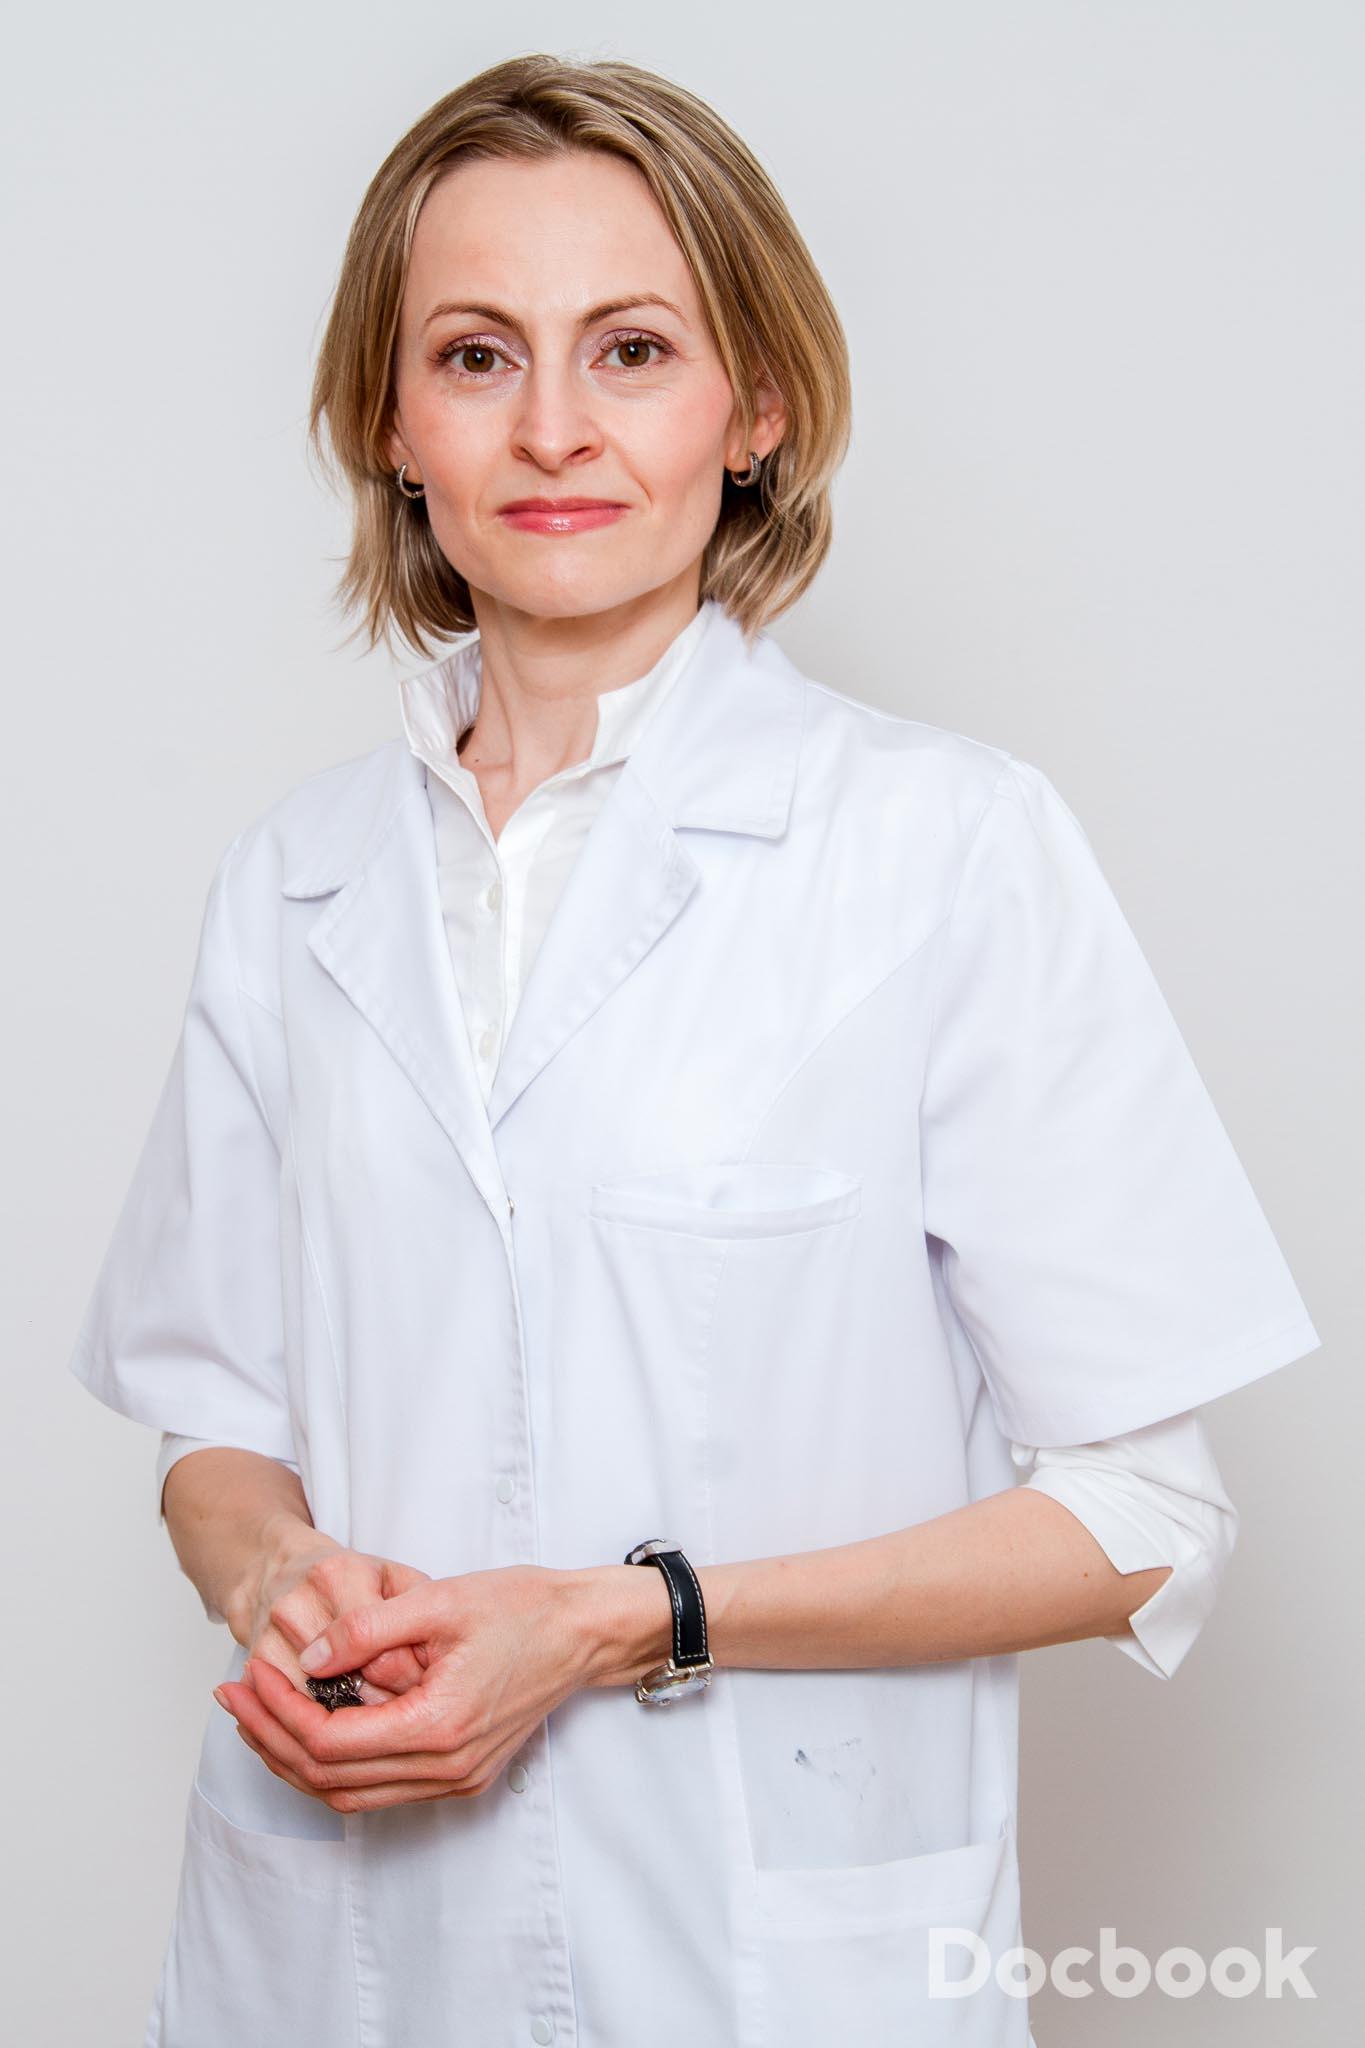 Dr. Natalia Boboc